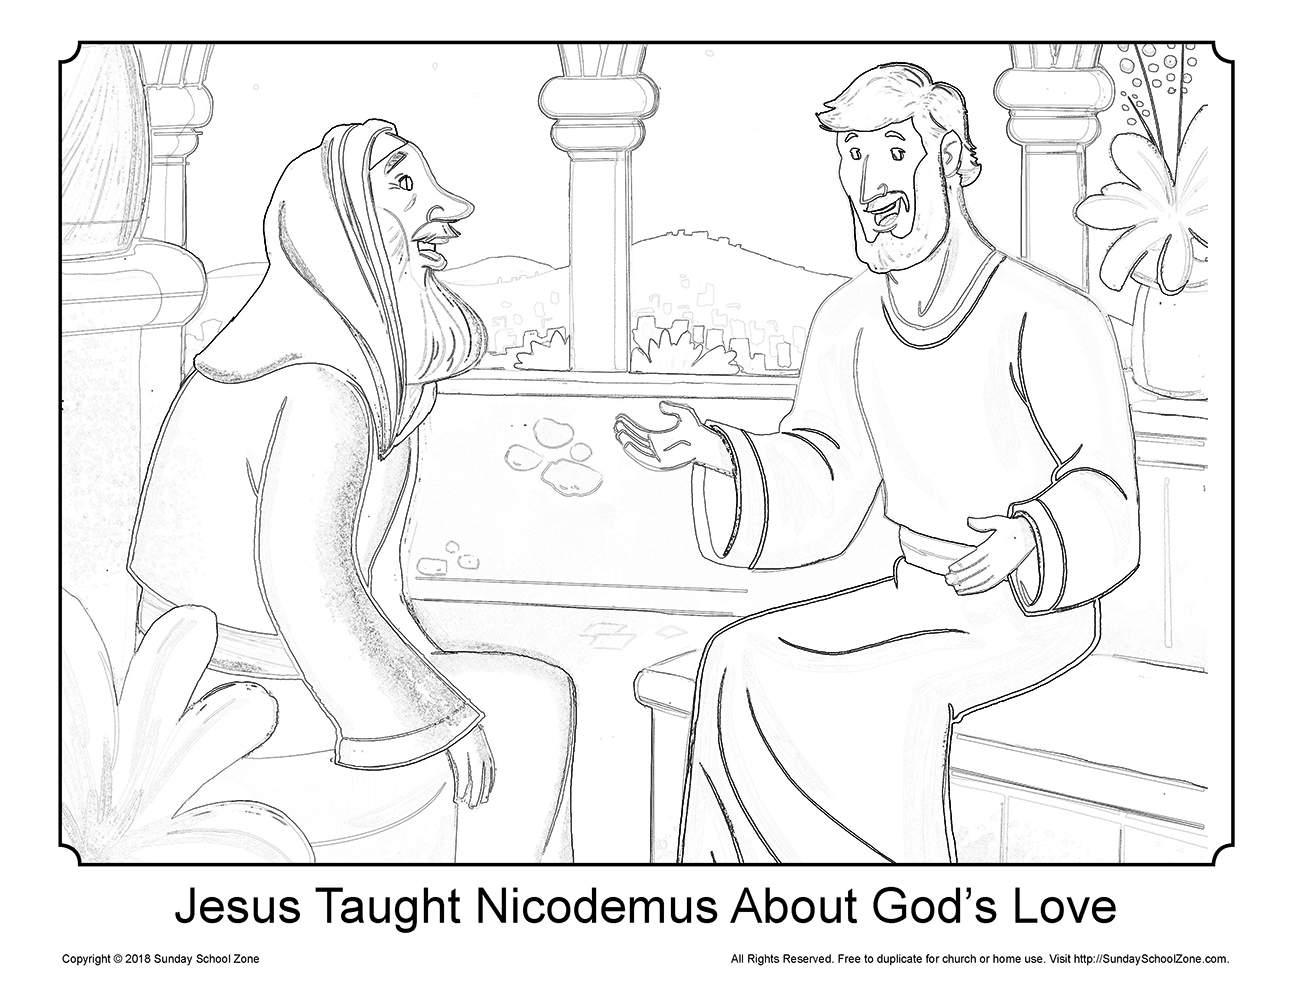 Jesus and Nicodemus Coloring Page on Sunday School Zone